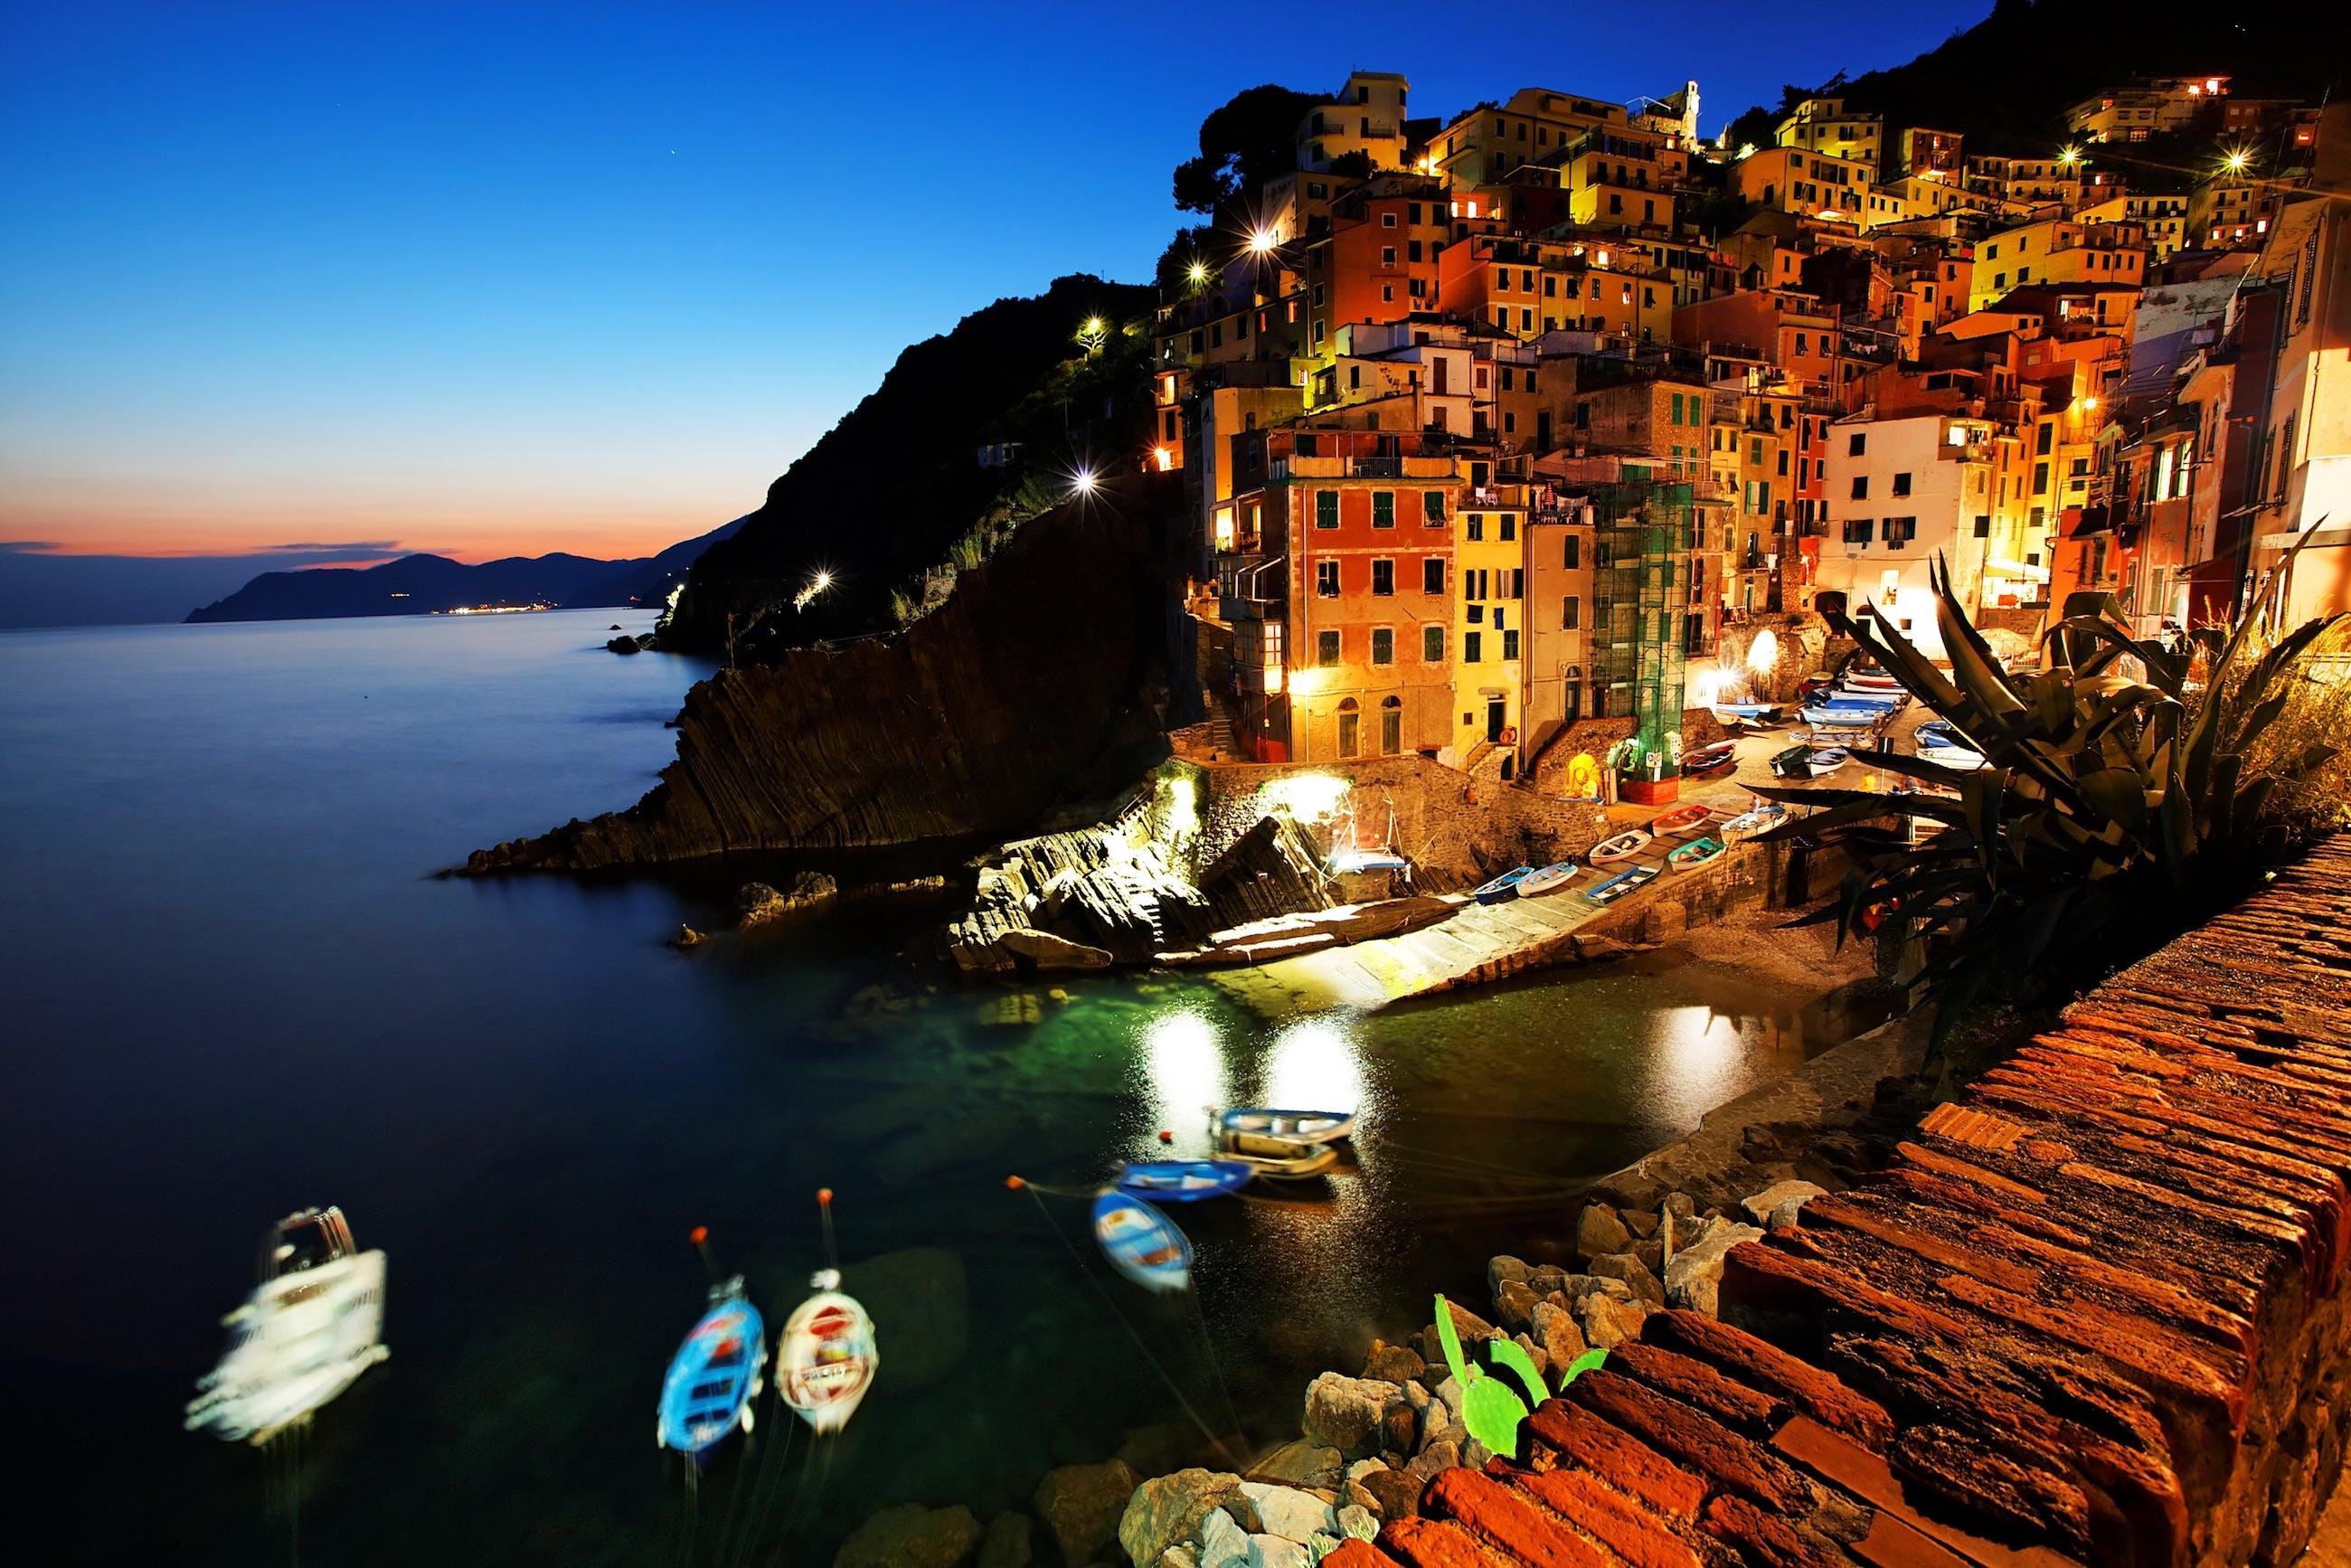 Ver la ciudad,Ver la ciudad,Tours andando,Tours históricos y culturales,Excursión a Cinque Terre